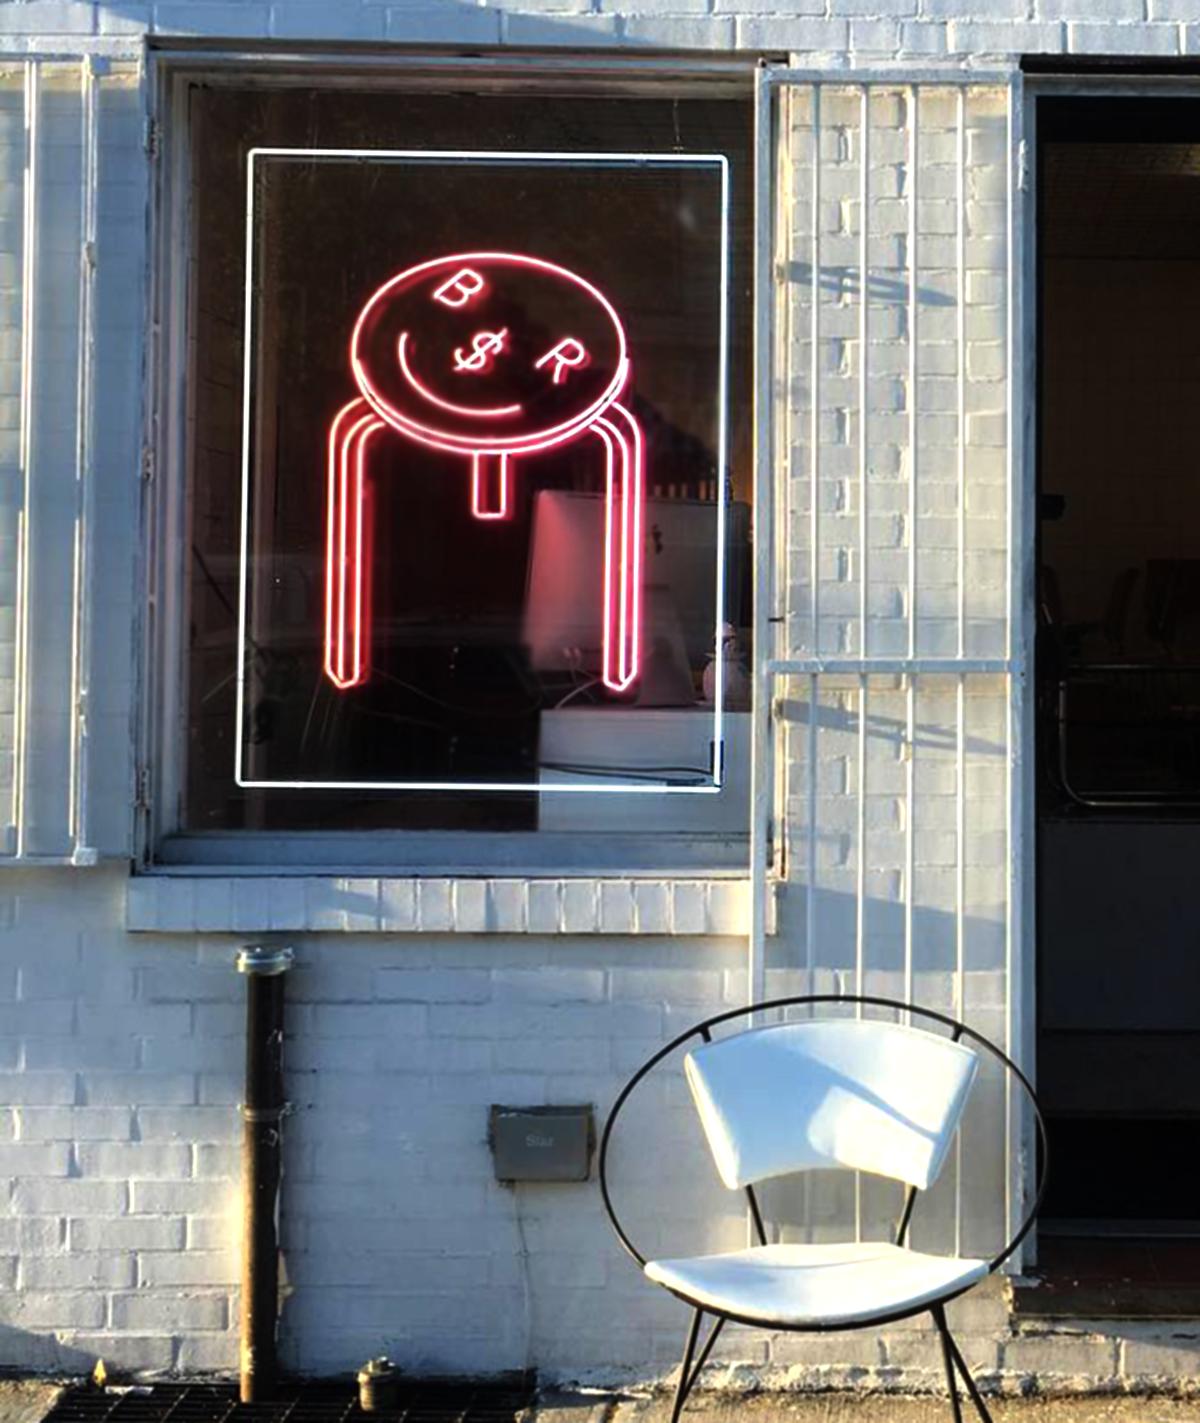 181226-BiRite-Neon.jpg